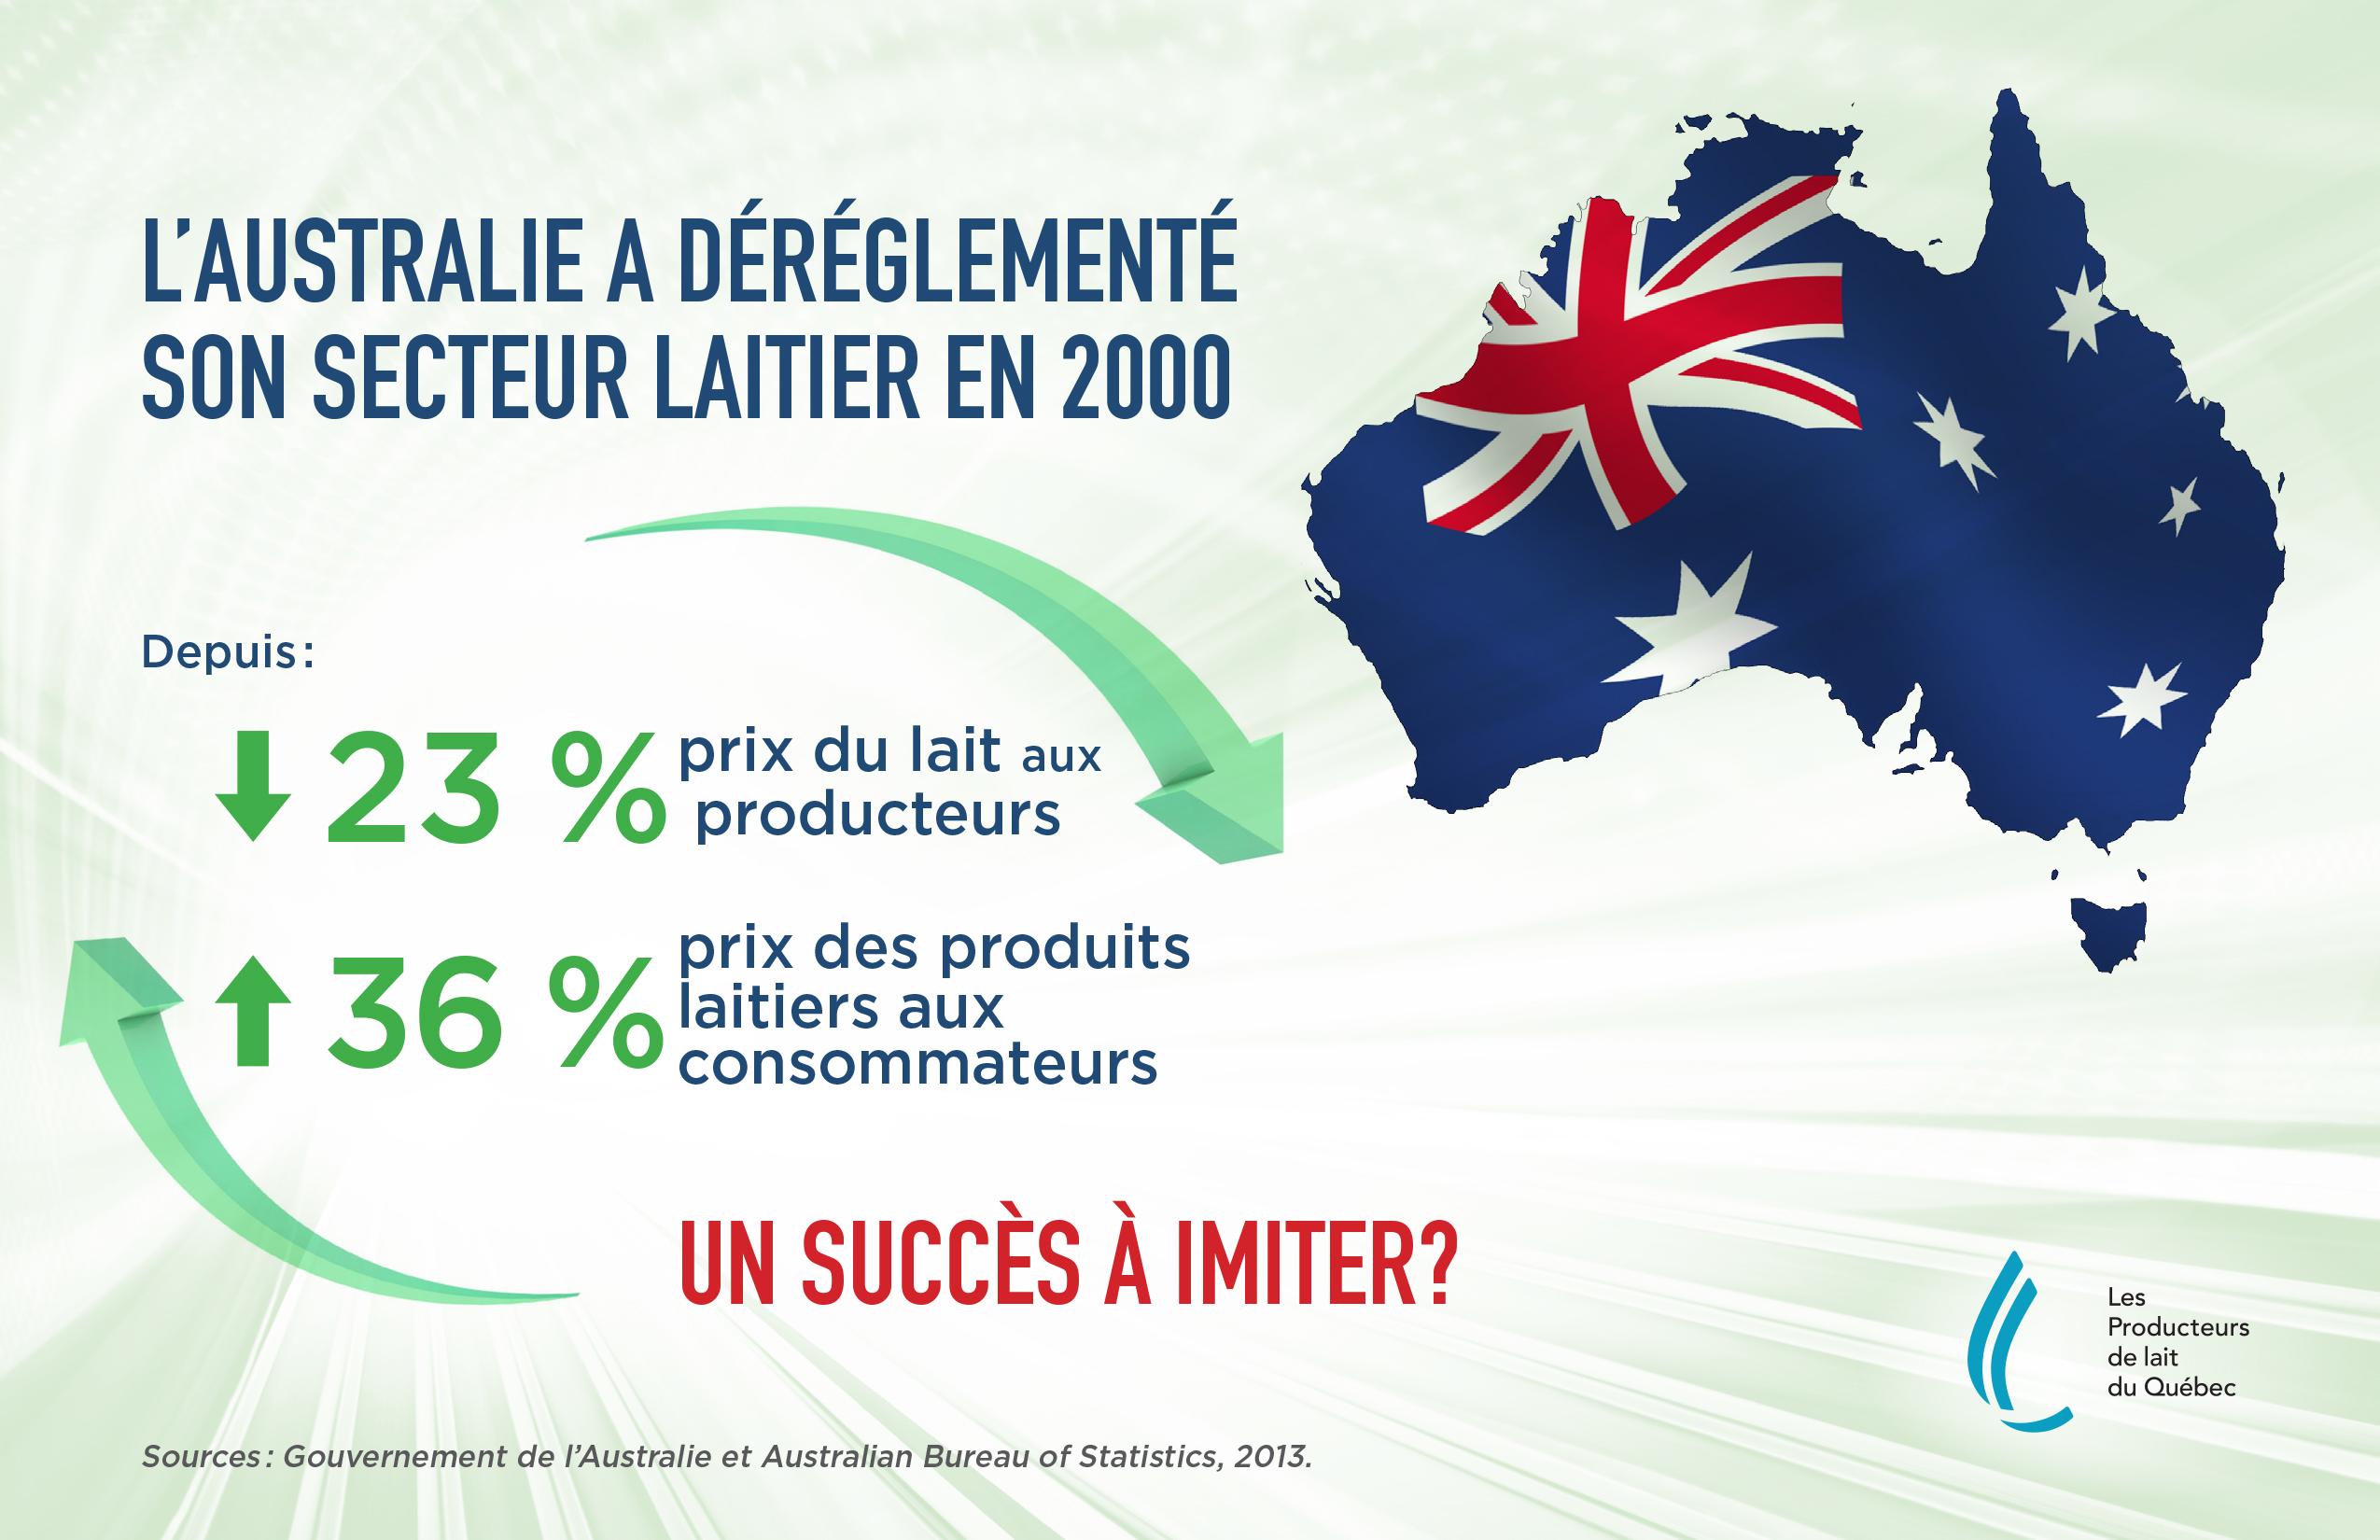 Infographie : L'Australie a déréglementé son secteur laitier en 2000